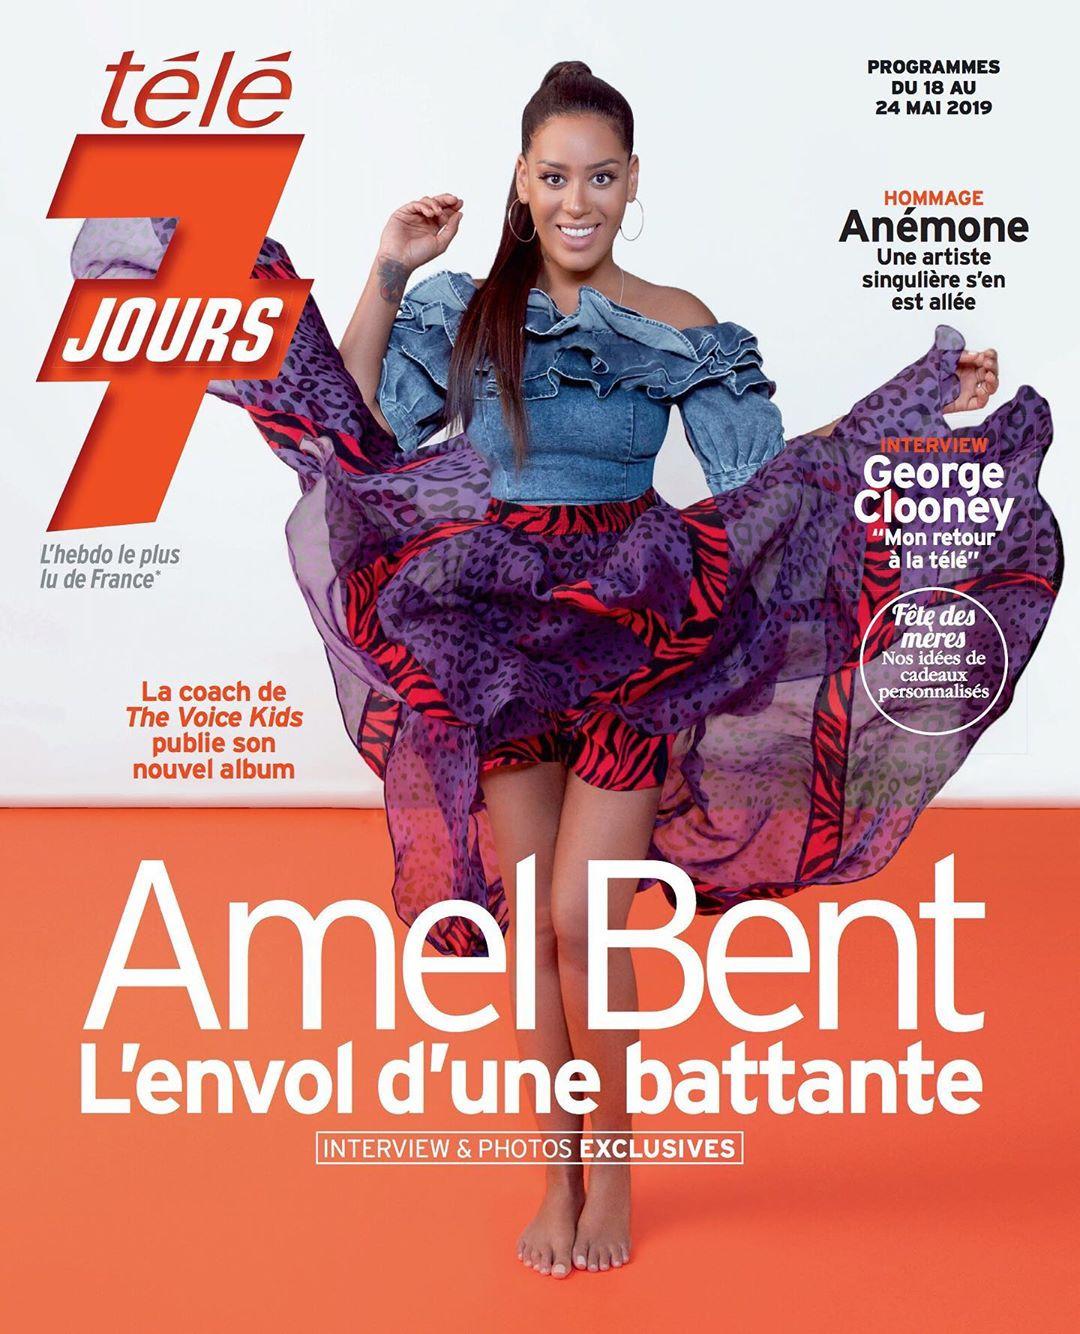 Télé 7 Jours du 18 au 24 Mai 2019-cover